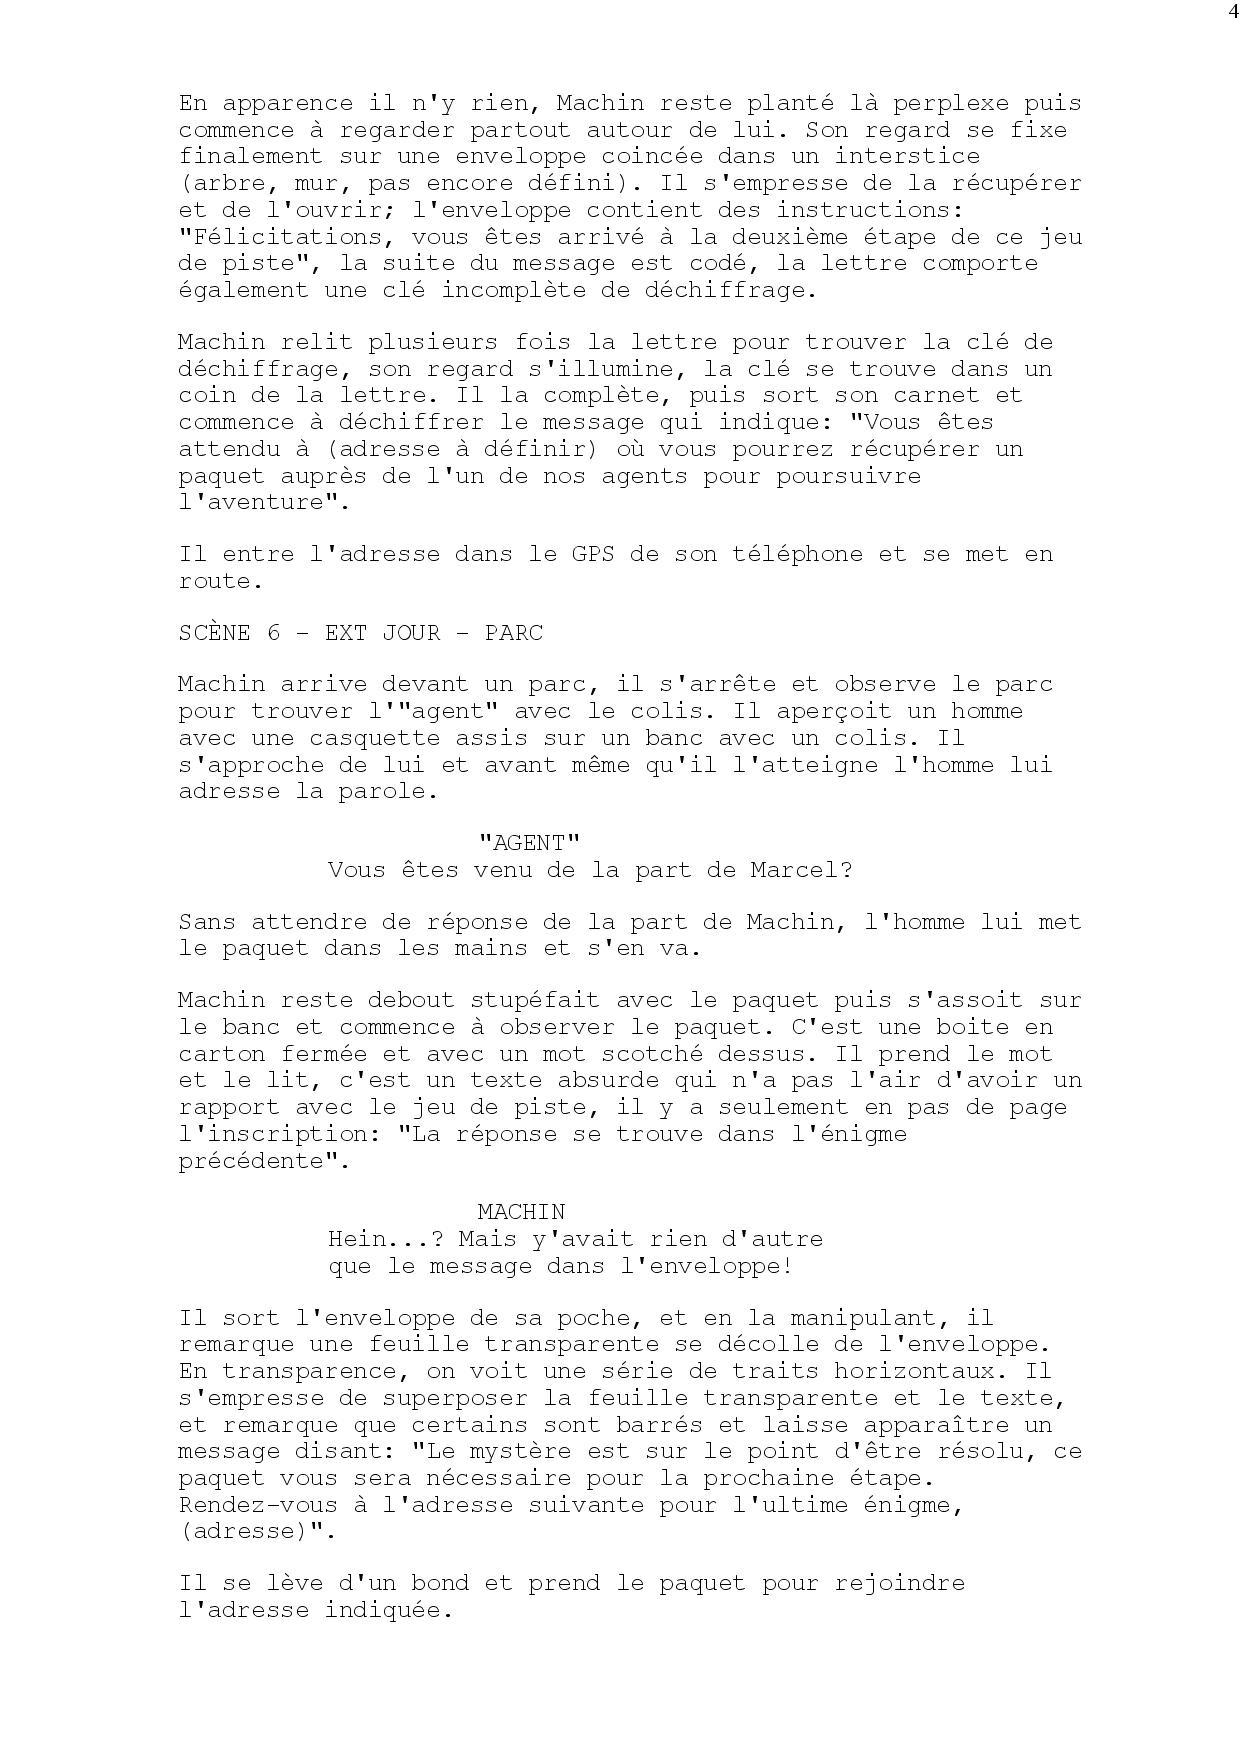 A la recherche de Marcel-page-004